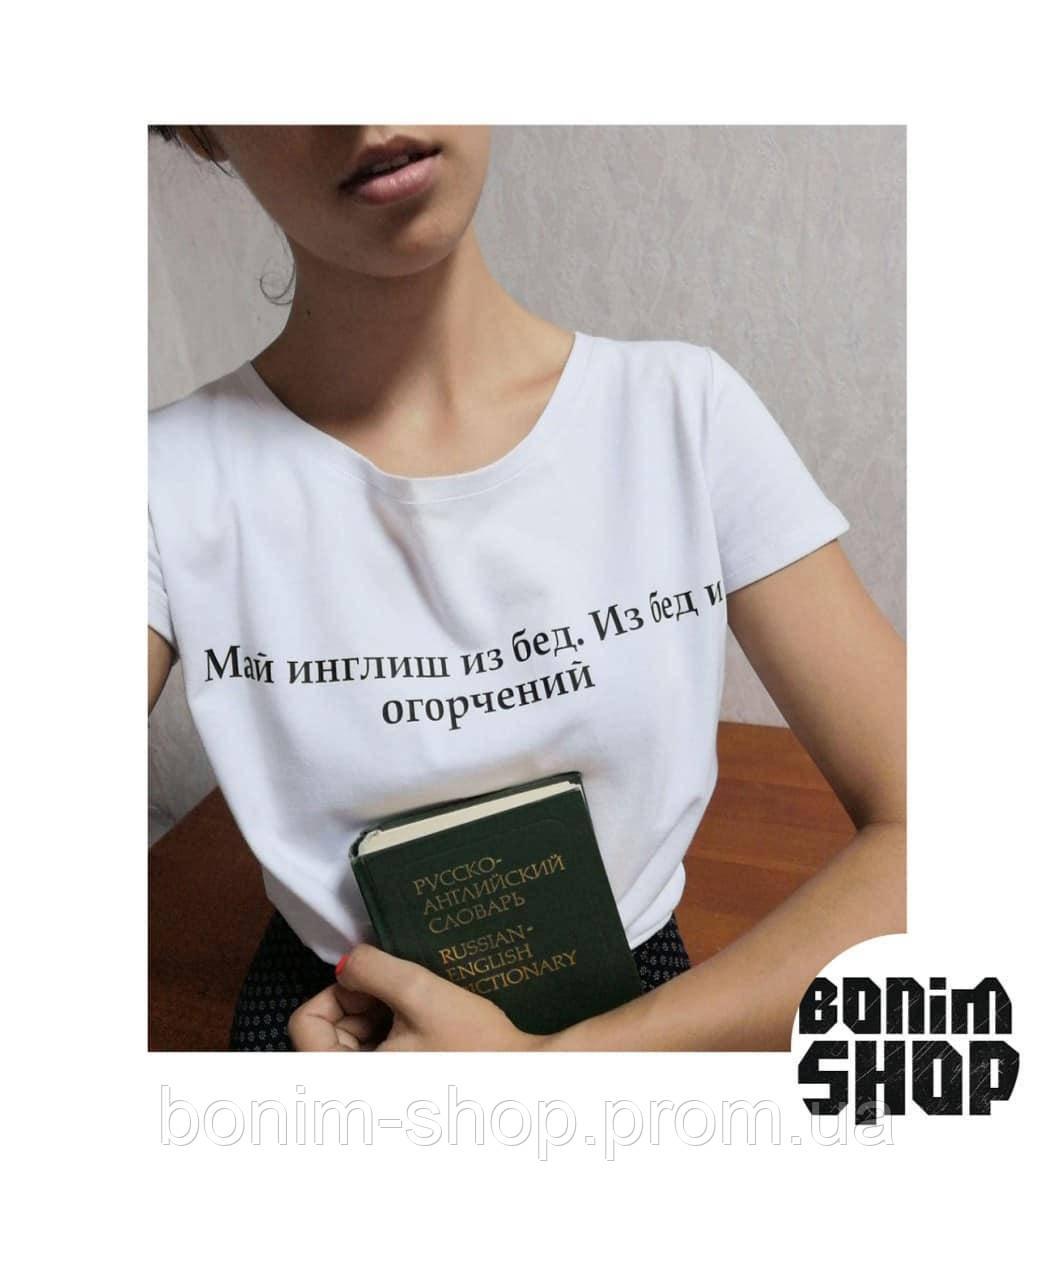 Белая женская футболка с принтом Май инглиш из бед. Из бед и огорчений